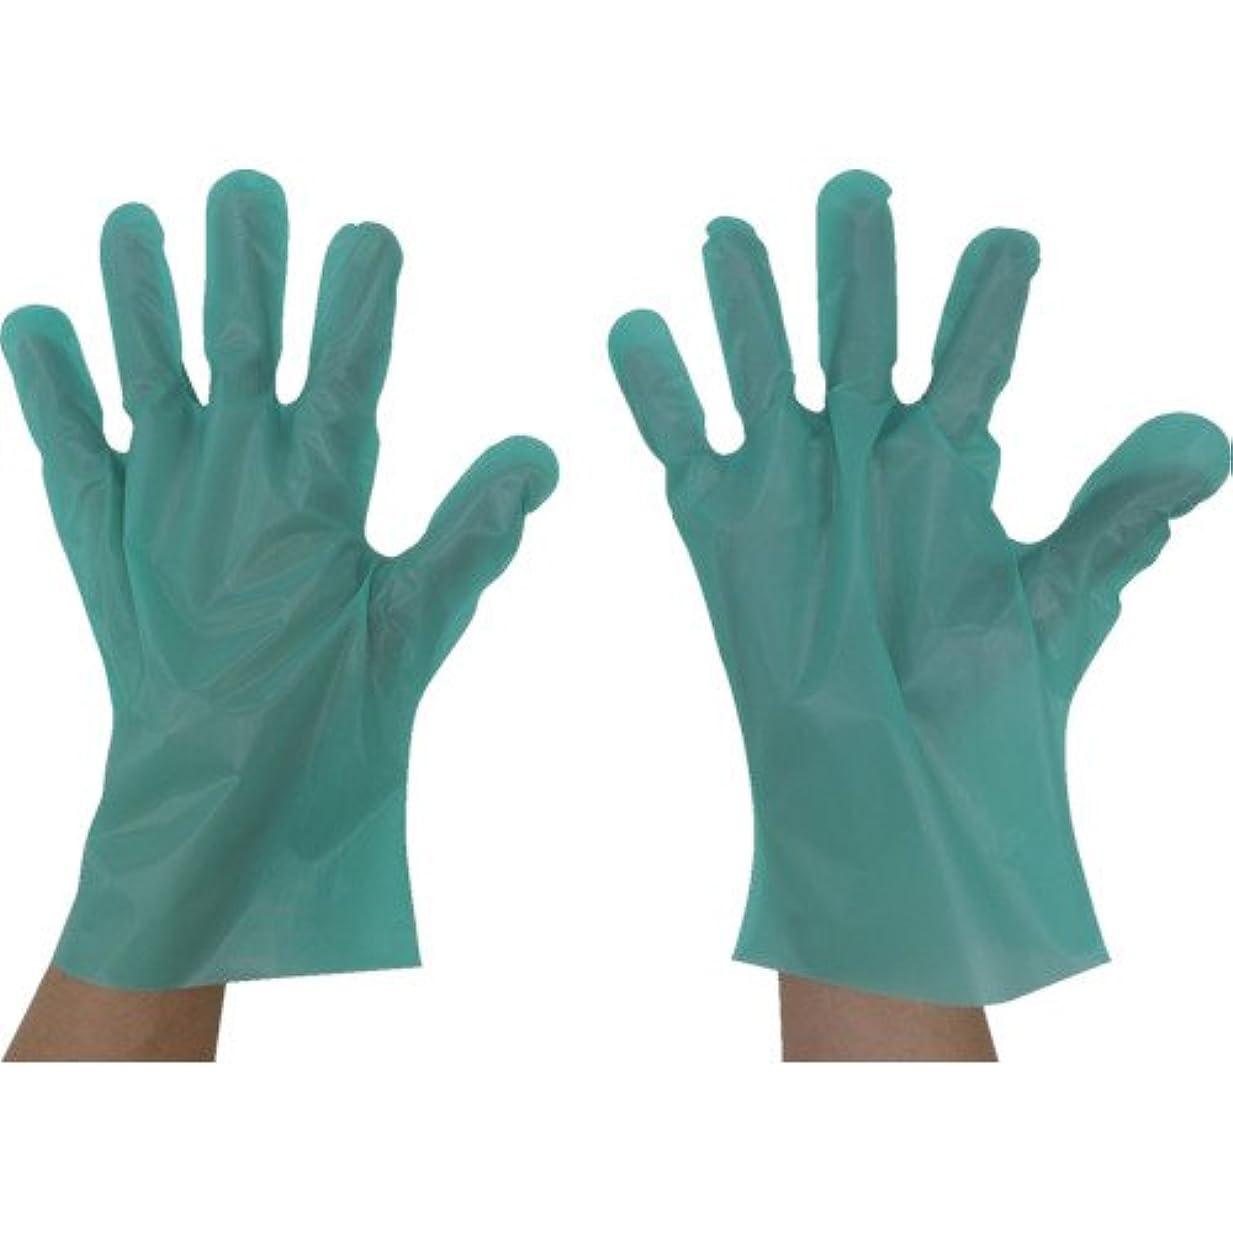 市長座標奇跡的な東京パック エンボス手袋五本絞りエコノミー化粧箱S グリーン GEK-S